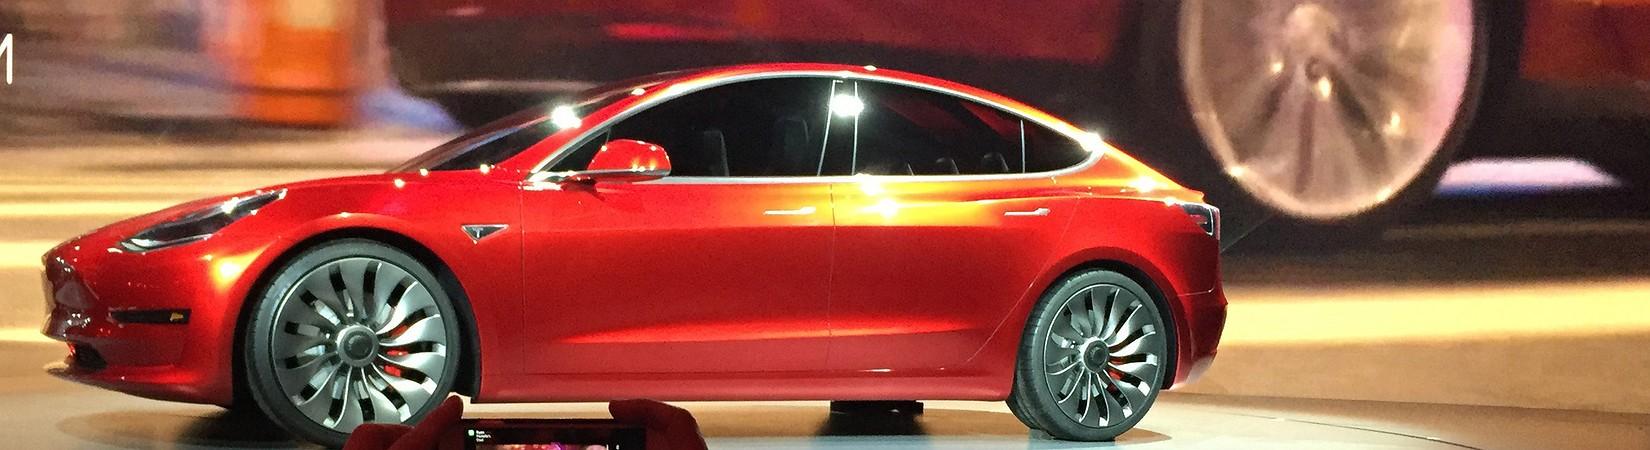 Миллиард за амбиции: Tesla увеличила убытки, но не растеряла доверие инвесторов